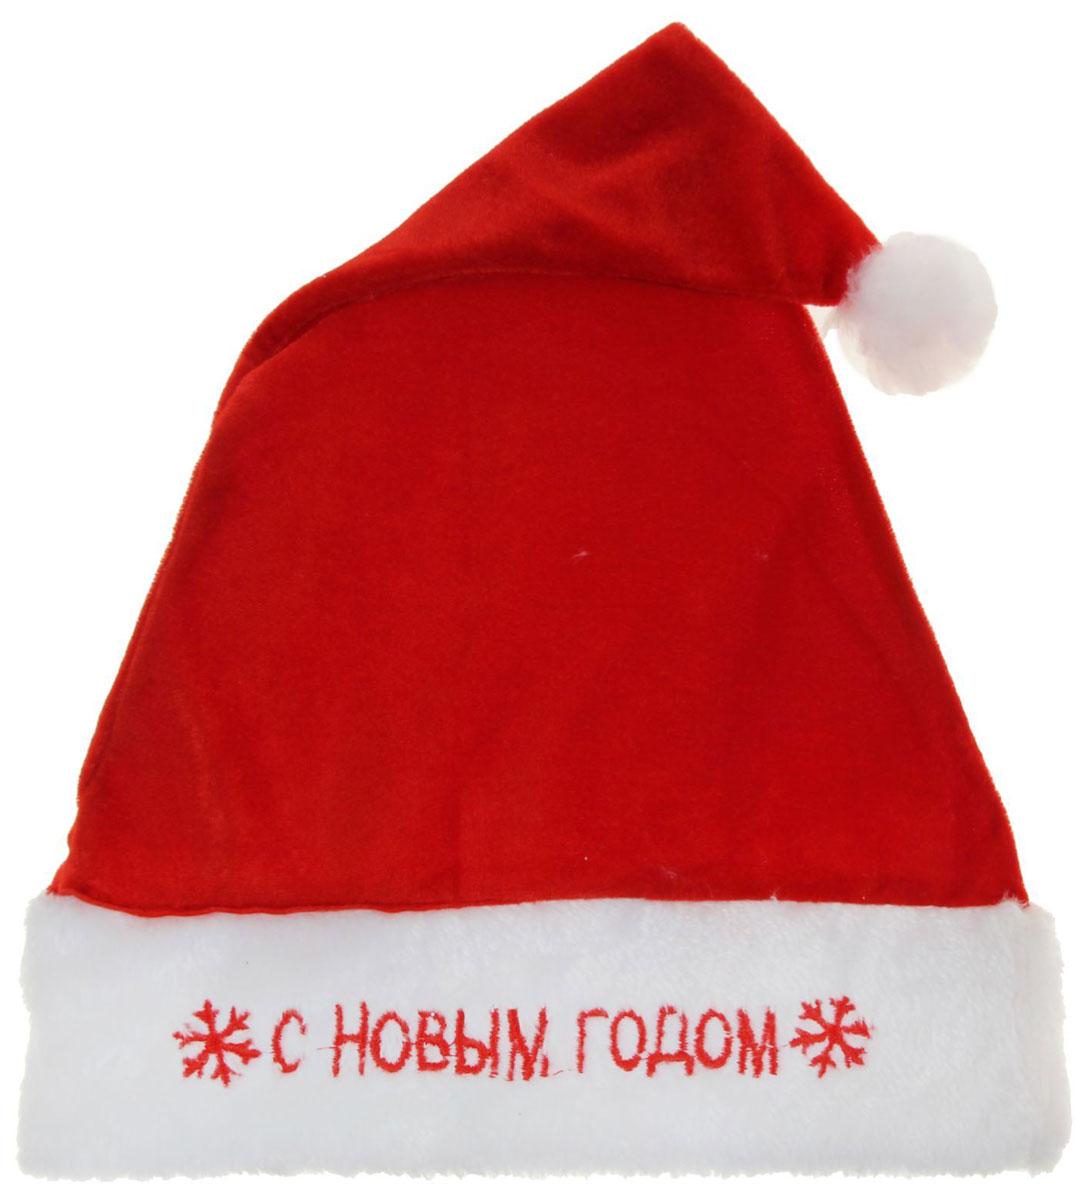 Колпак новогодний С новым годом, 29 х 40 см811345Поддайтесь новогоднему веселью на полную катушку! Забавный колпак в секунду создаст праздничное настроение, будь то поздравление ребятишек или вечеринка с друзьями. Размер изделия универсальный: аксессуар подойдет как для ребенка, так и для взрослого. А мягкий текстиль позволит носить колпак с комфортом на протяжении всей новогодней ночи.